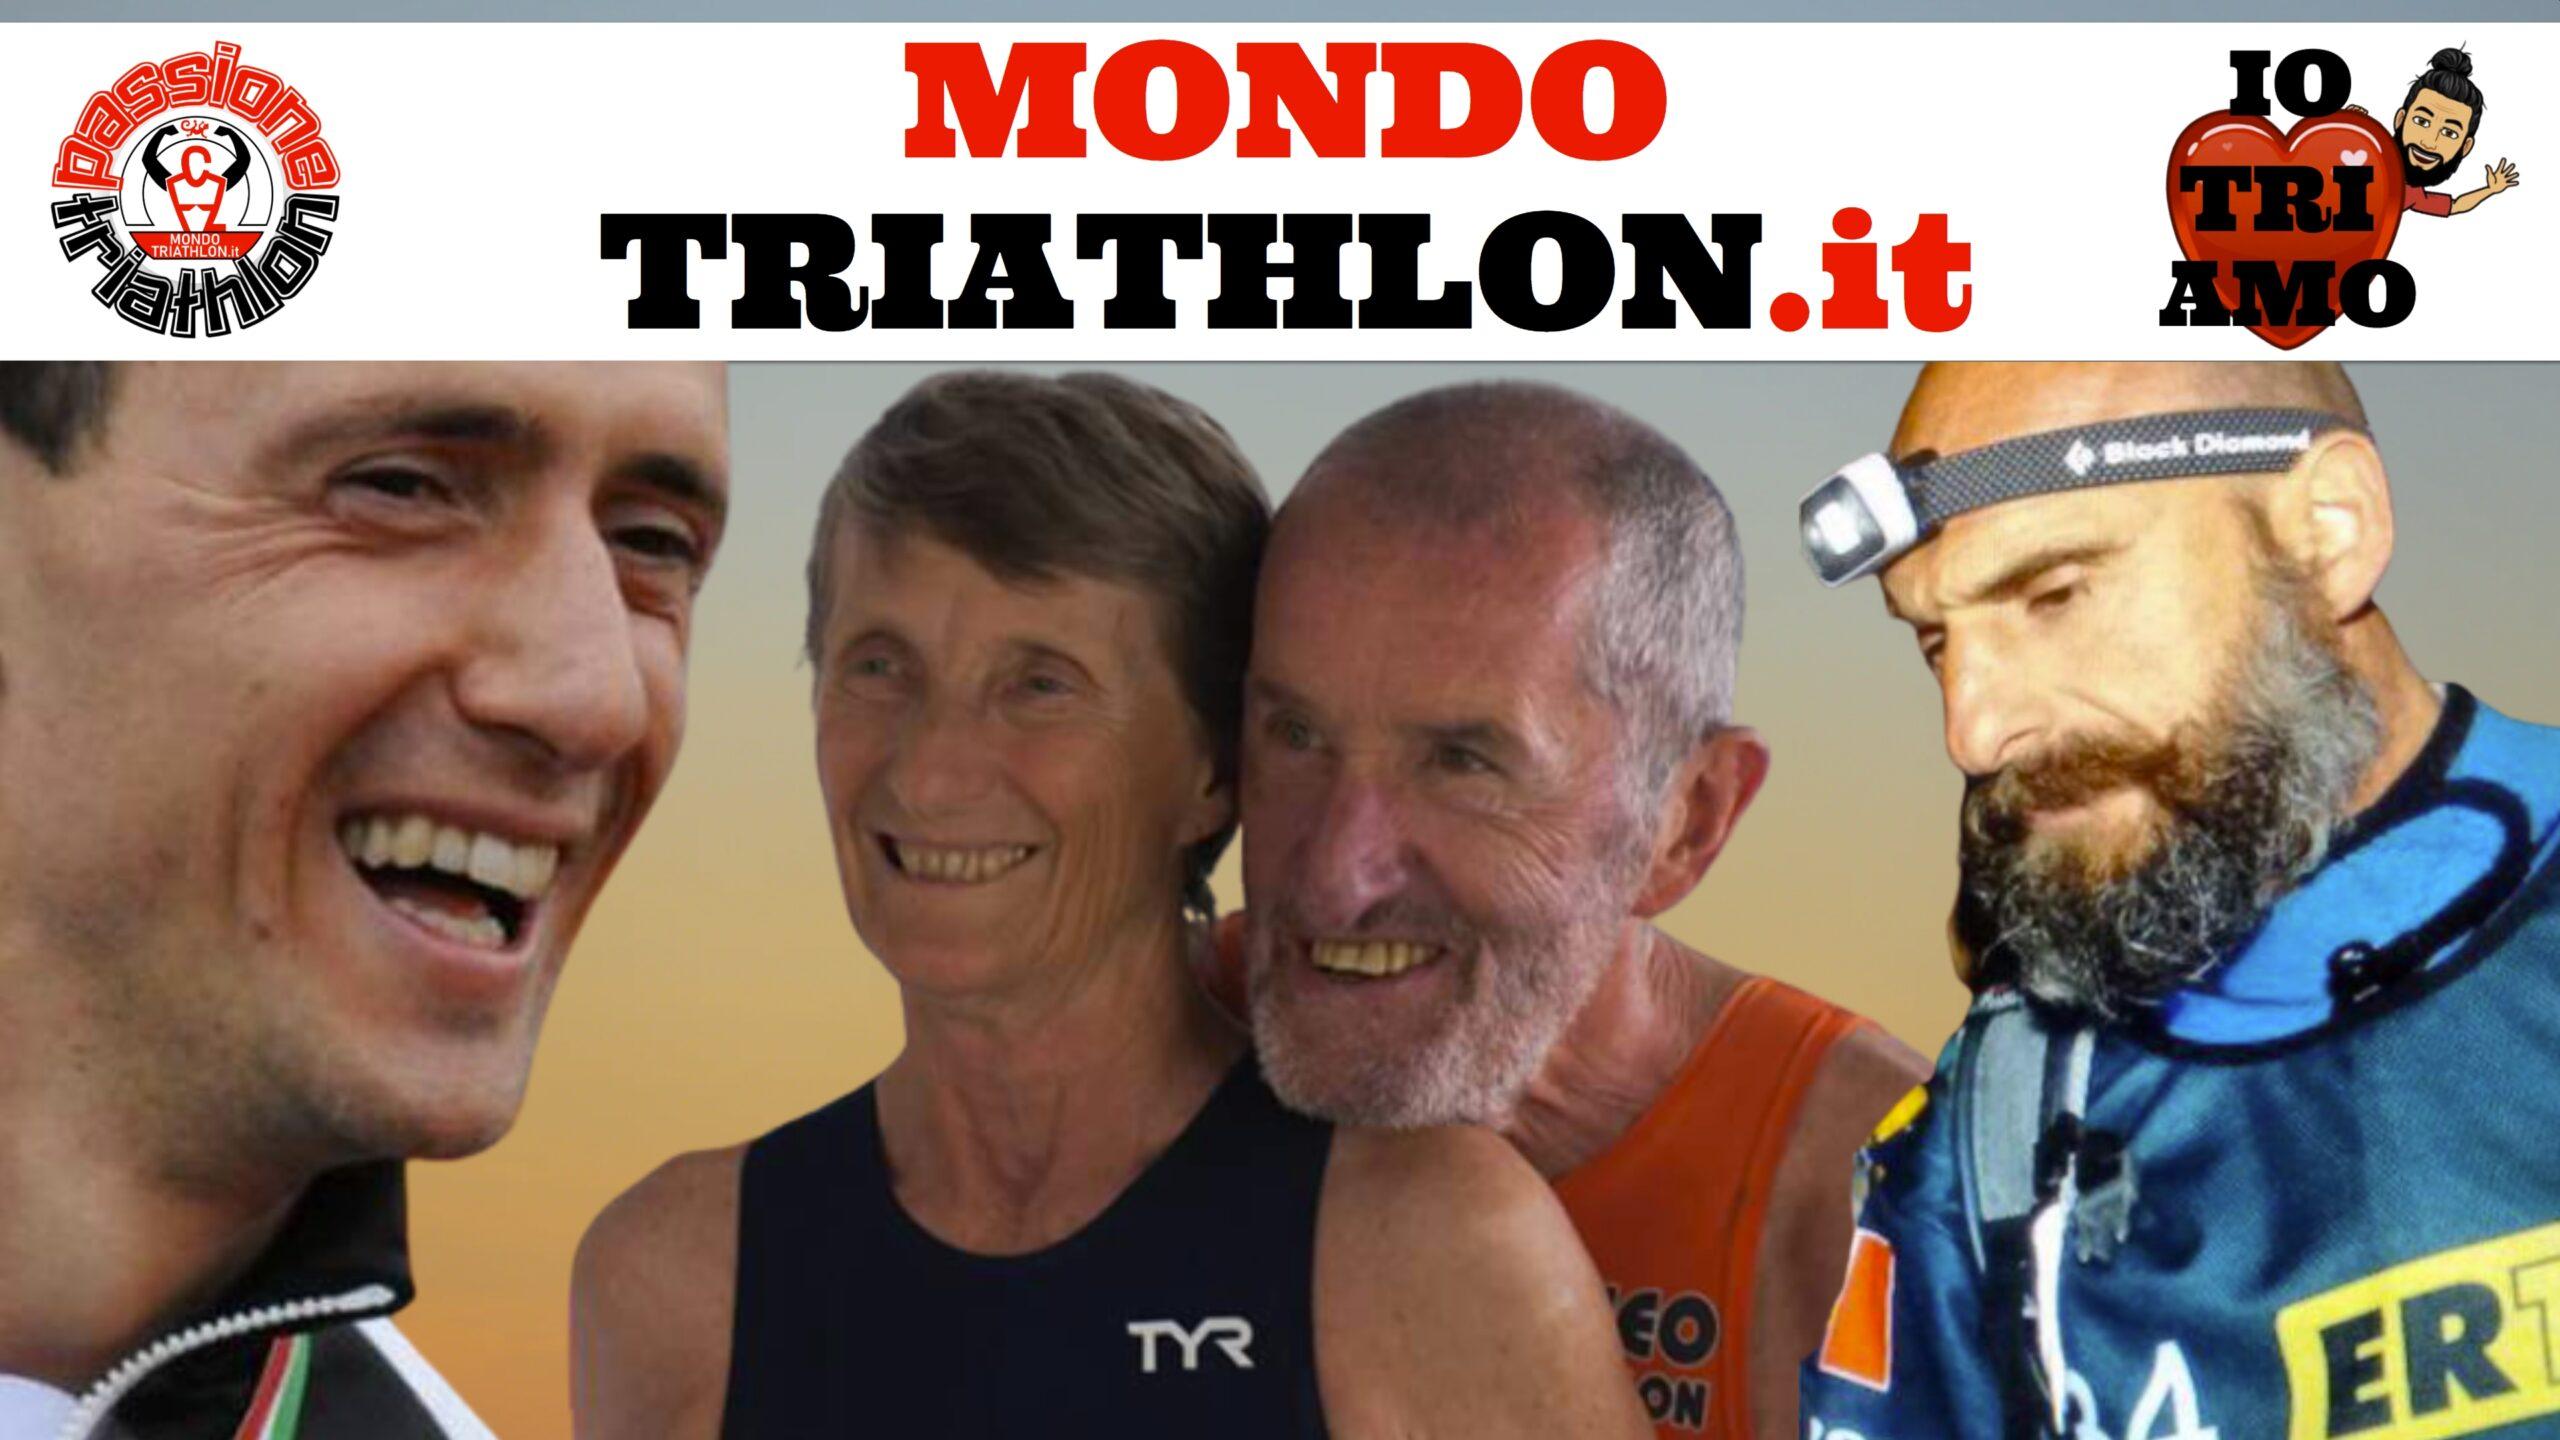 Passione Triathlon, la copertina con i protagonisti dal 31 agosto al 4 settembre 2020: Matteo Annovazzi, Beppe Scotti, Gabriella Bois e Agostino Ramella